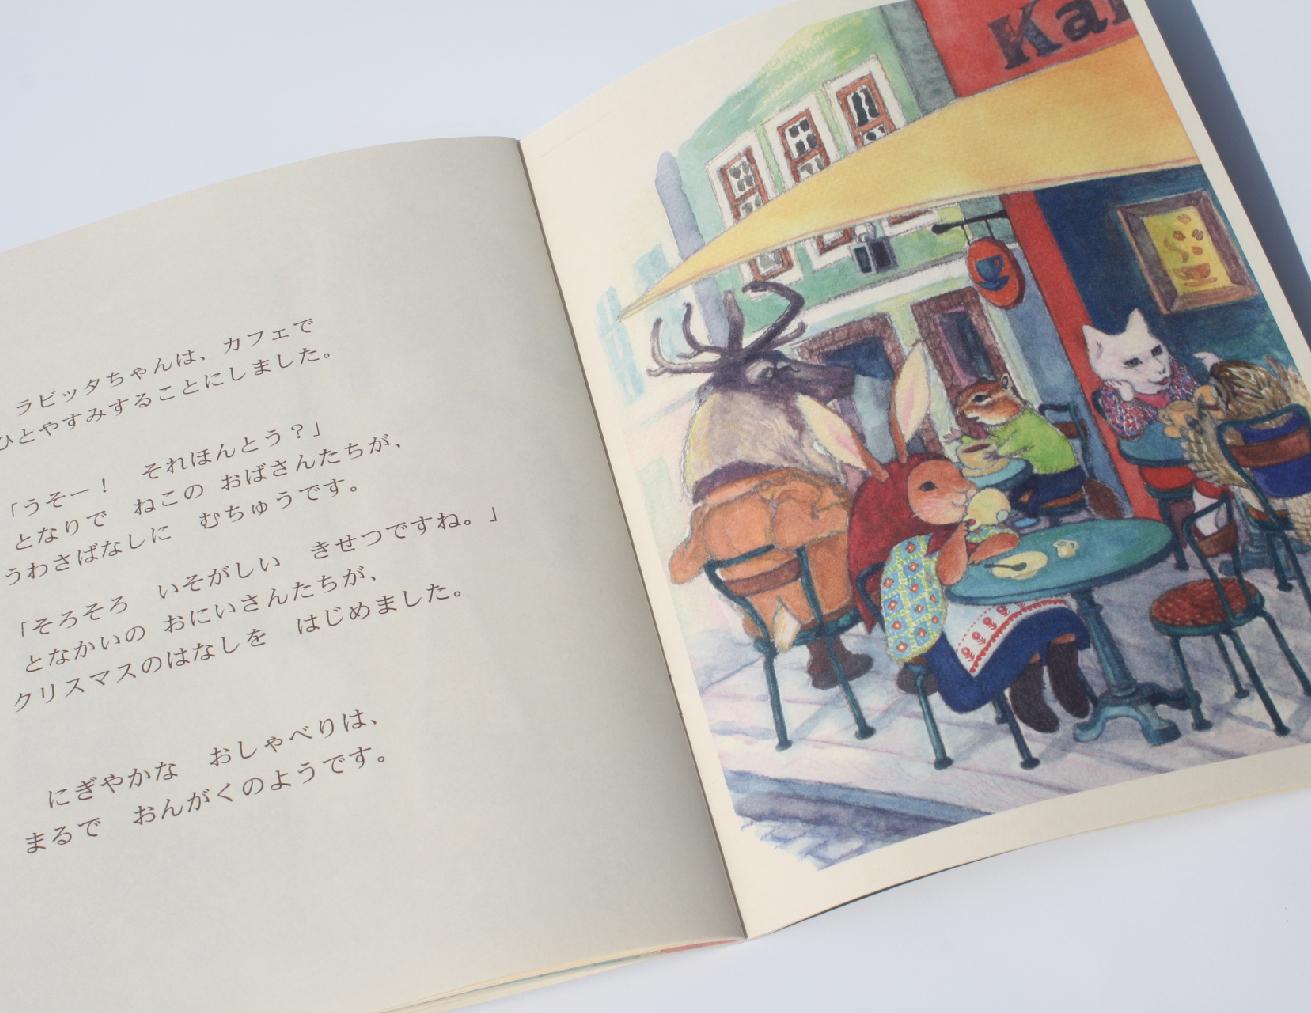 私家版絵本「ラビッタちゃんまちへいく」のなかのみひらき。ラビッタちゃんがお茶している。